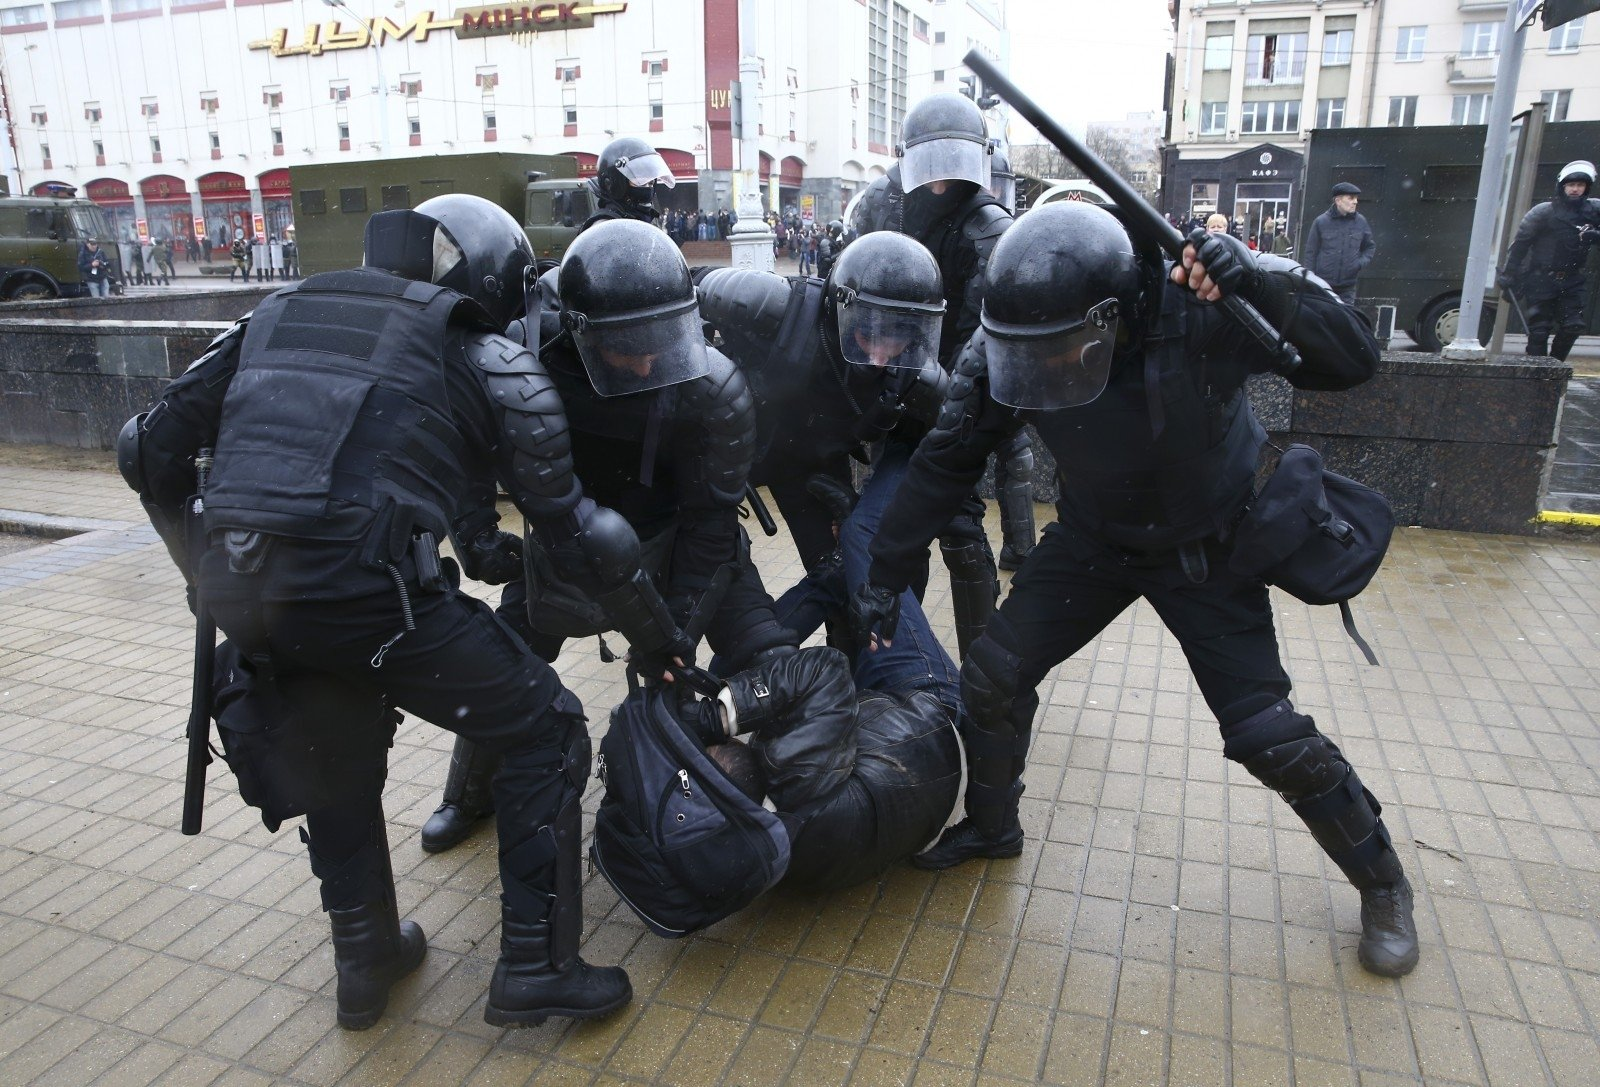 США высказали озабоченность поповоду массовых задержаний в Беларуси